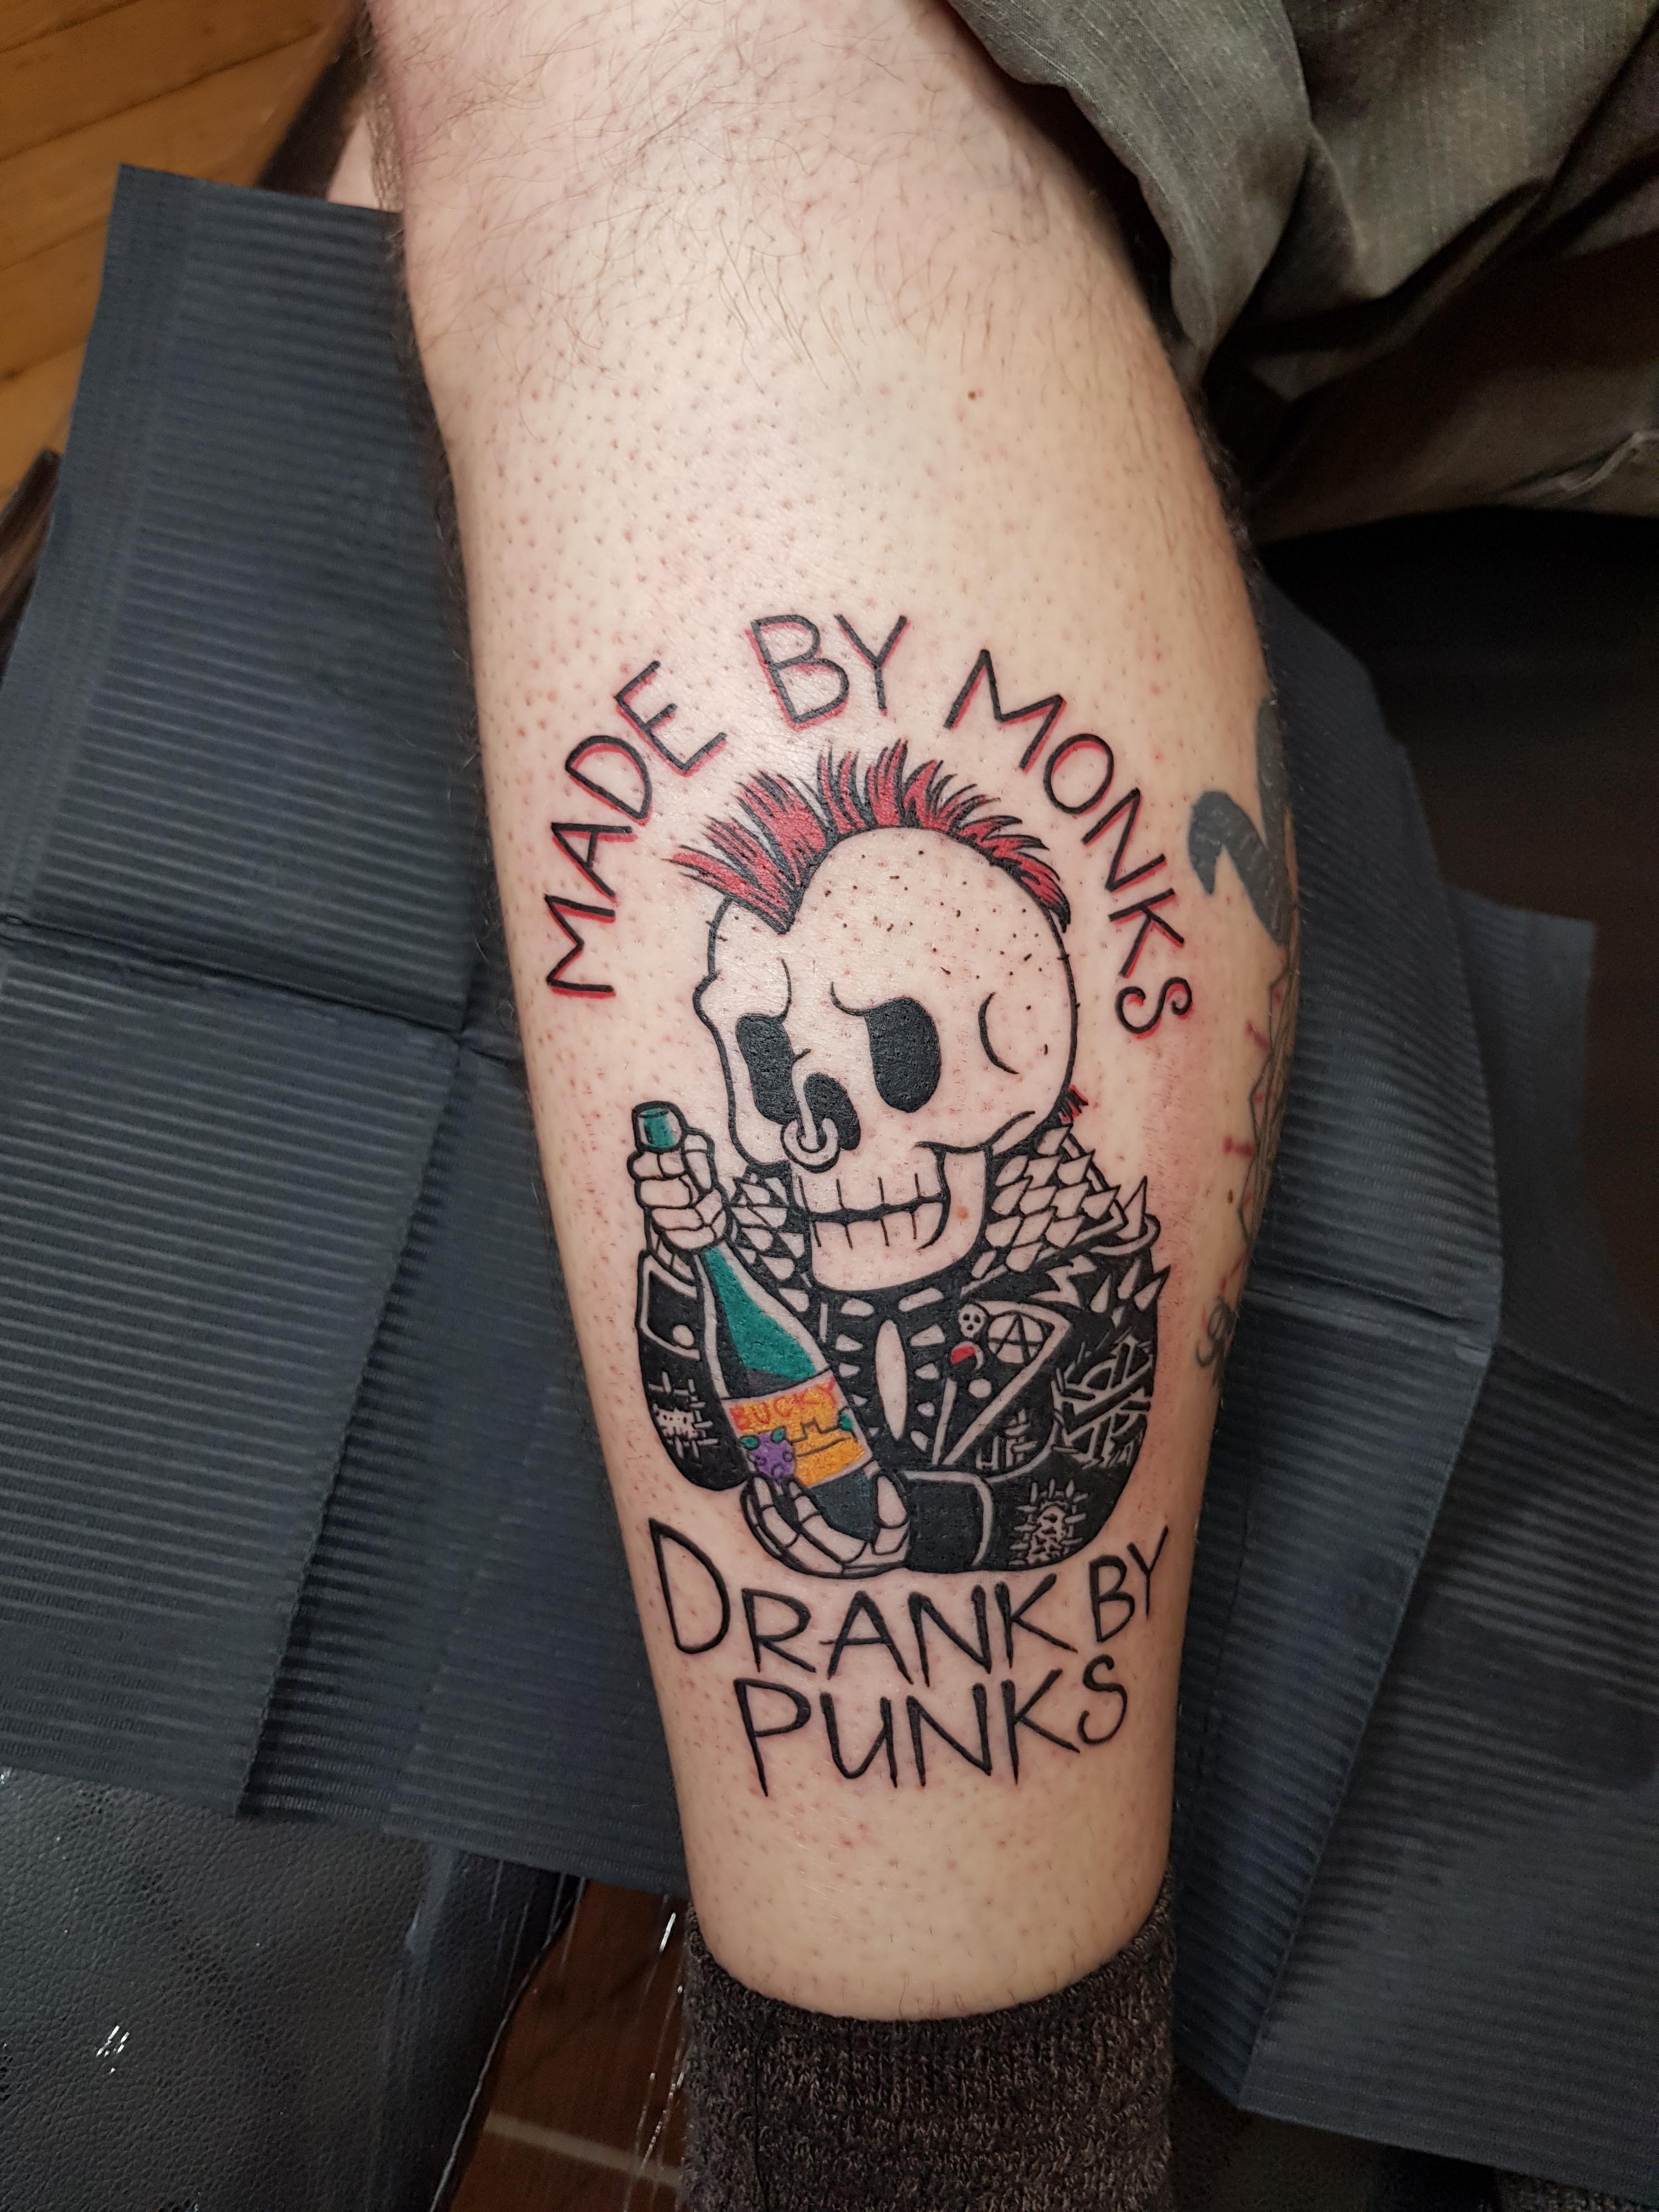 Punk tattoo Top 71